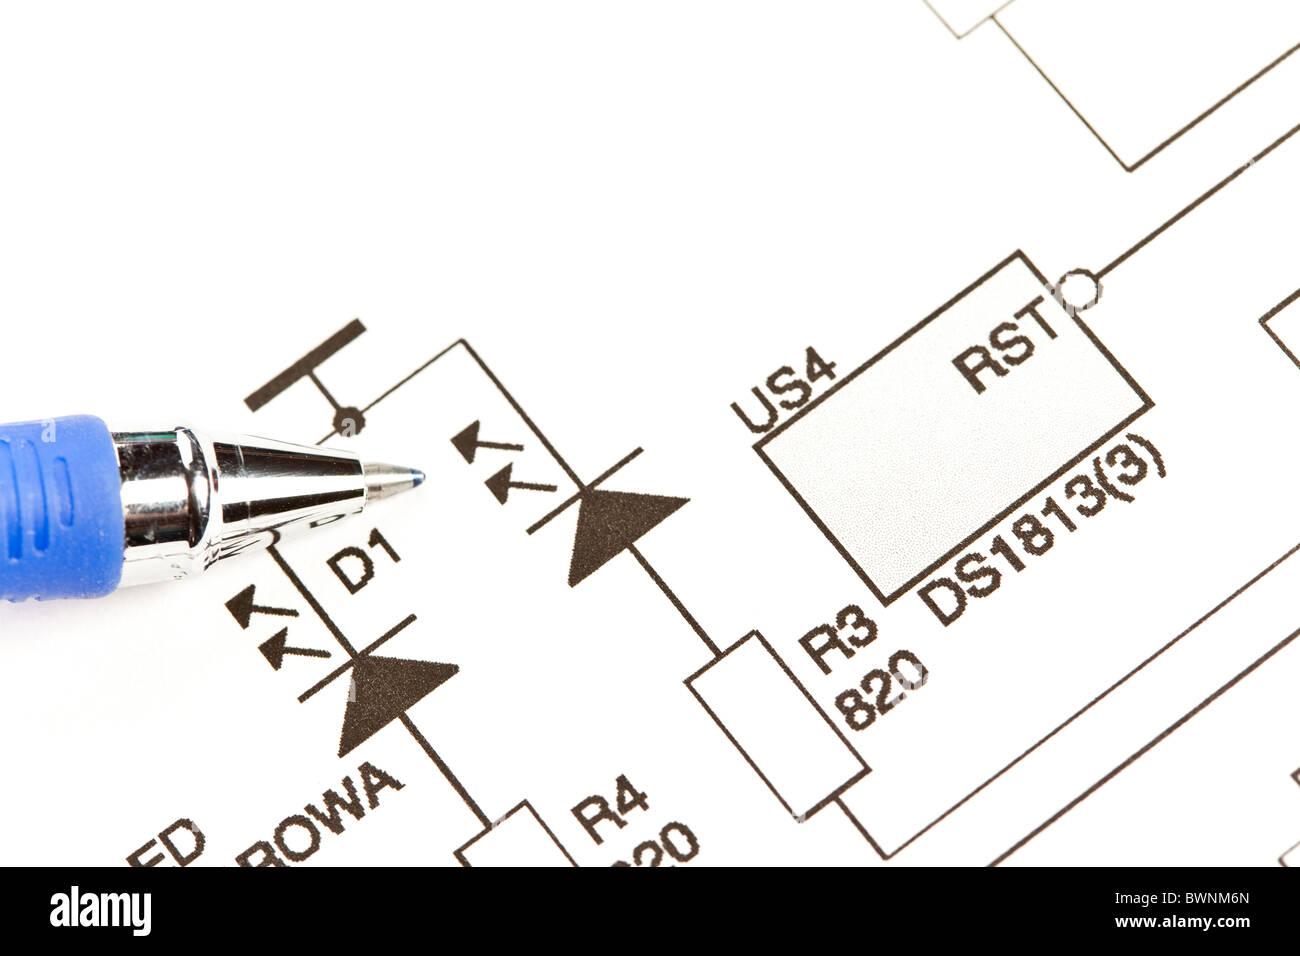 electrical circuit diagram stock photos \u0026 electrical circuit diagram